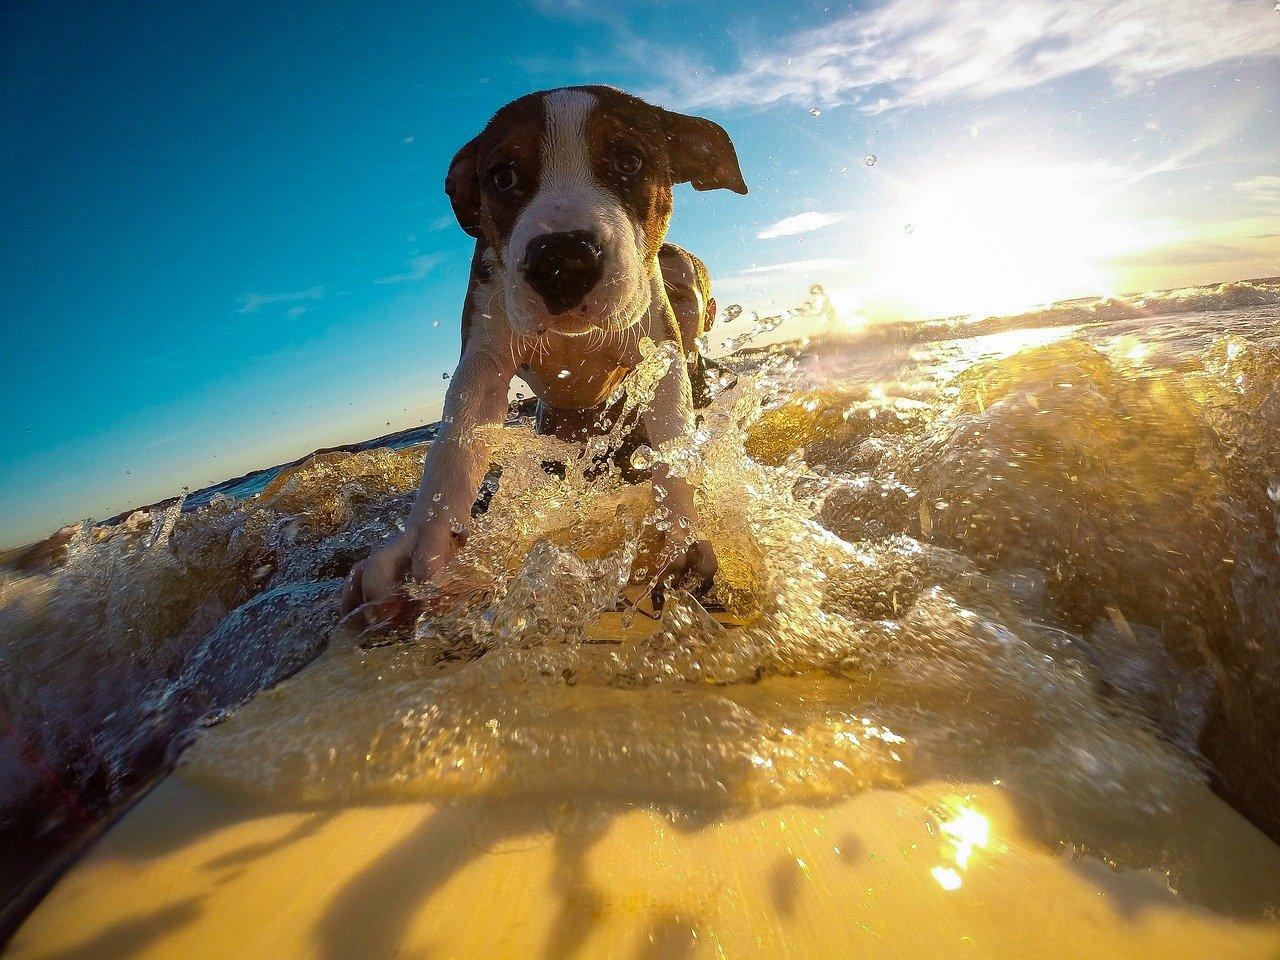 Wakacje z psem – jak najlepiej spędzić wolny czas ze swoim pupilem